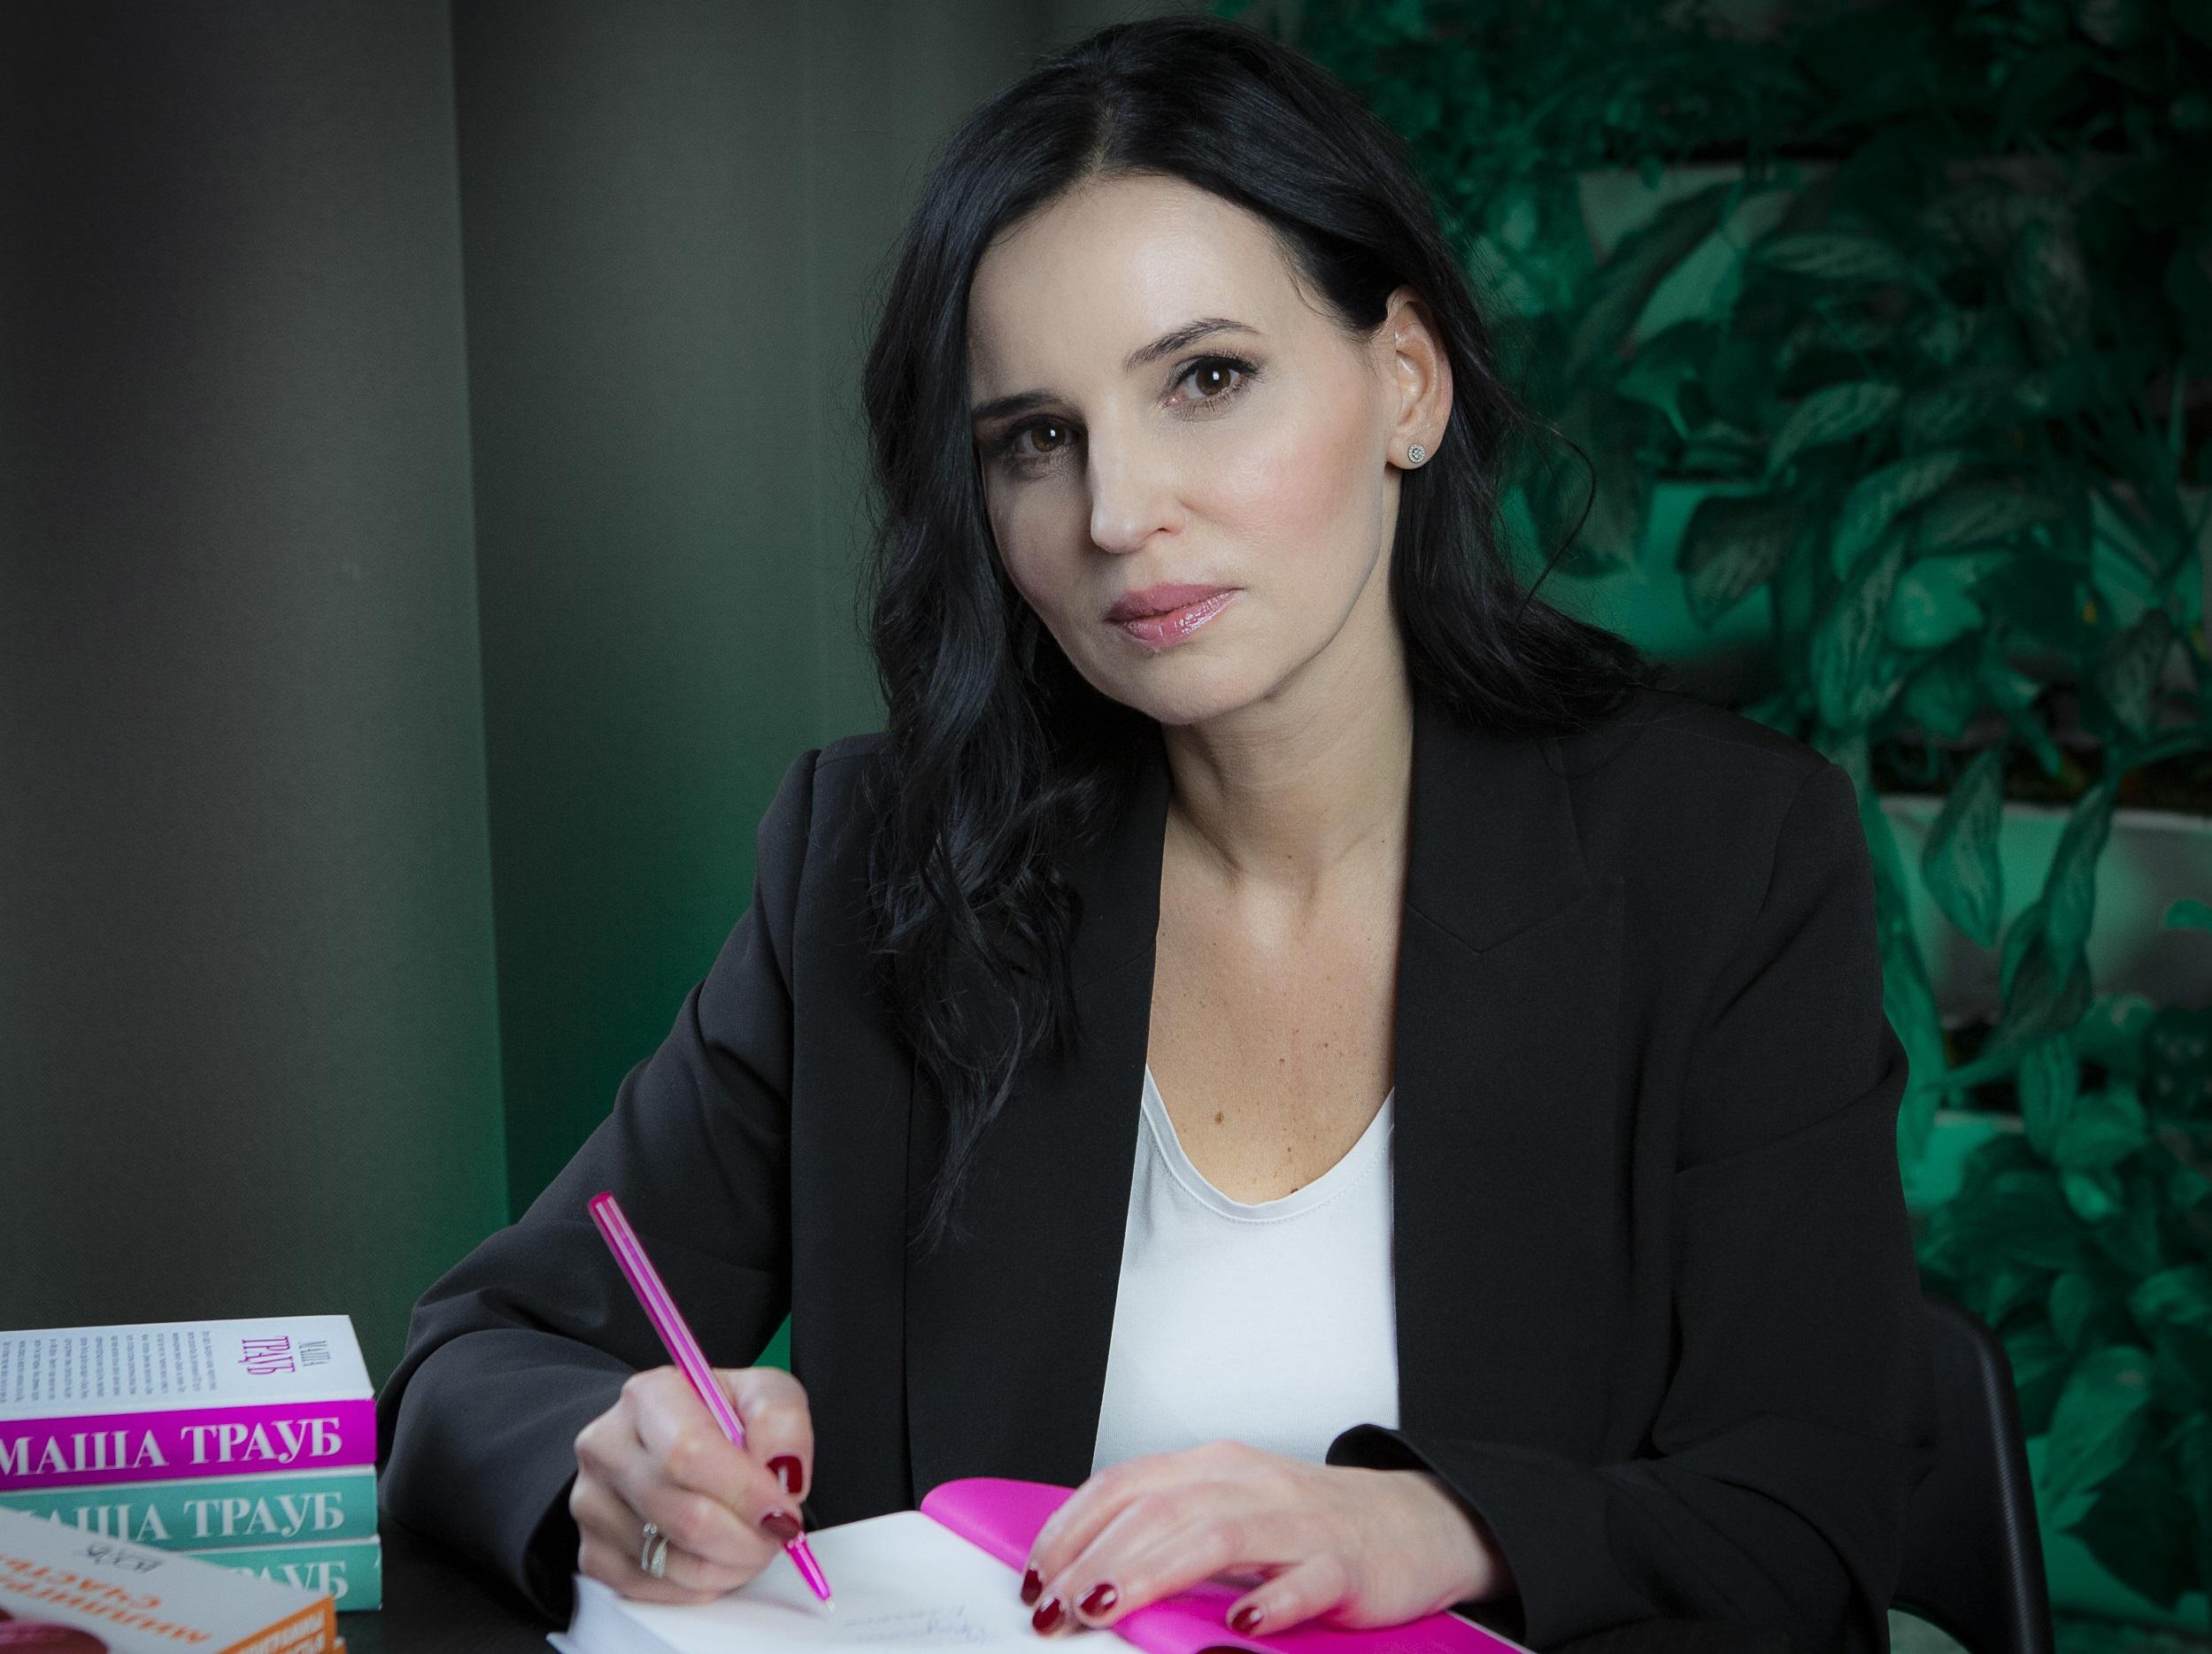 Писательница Маша Трауб: Поспорила с мужем на шоколадку, что пробьюсь сама